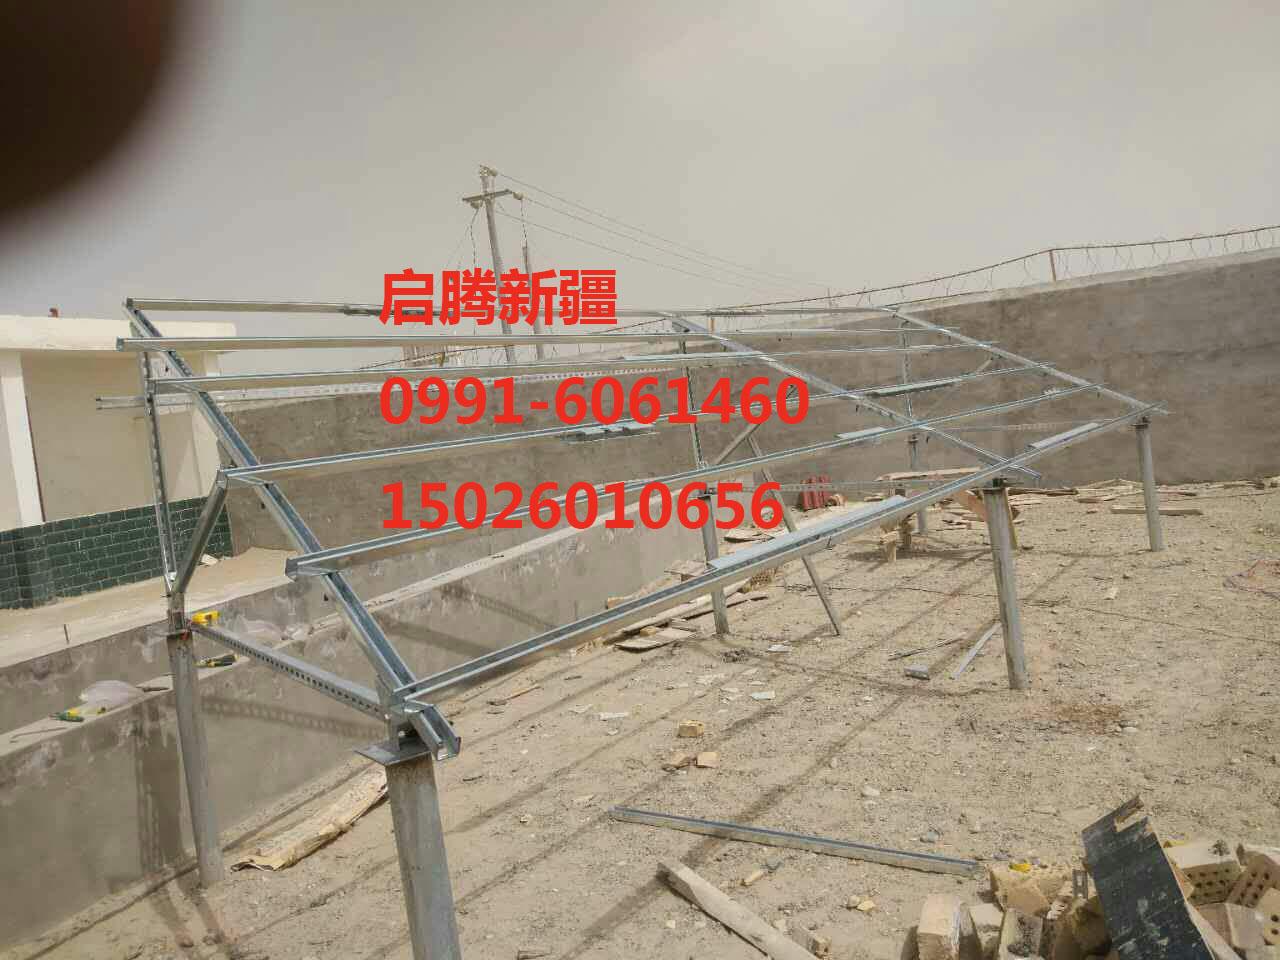 外贸新疆太阳能发电站代理新疆太阳能发电站总代理公司-如何买性价比高的新疆太阳能发电站